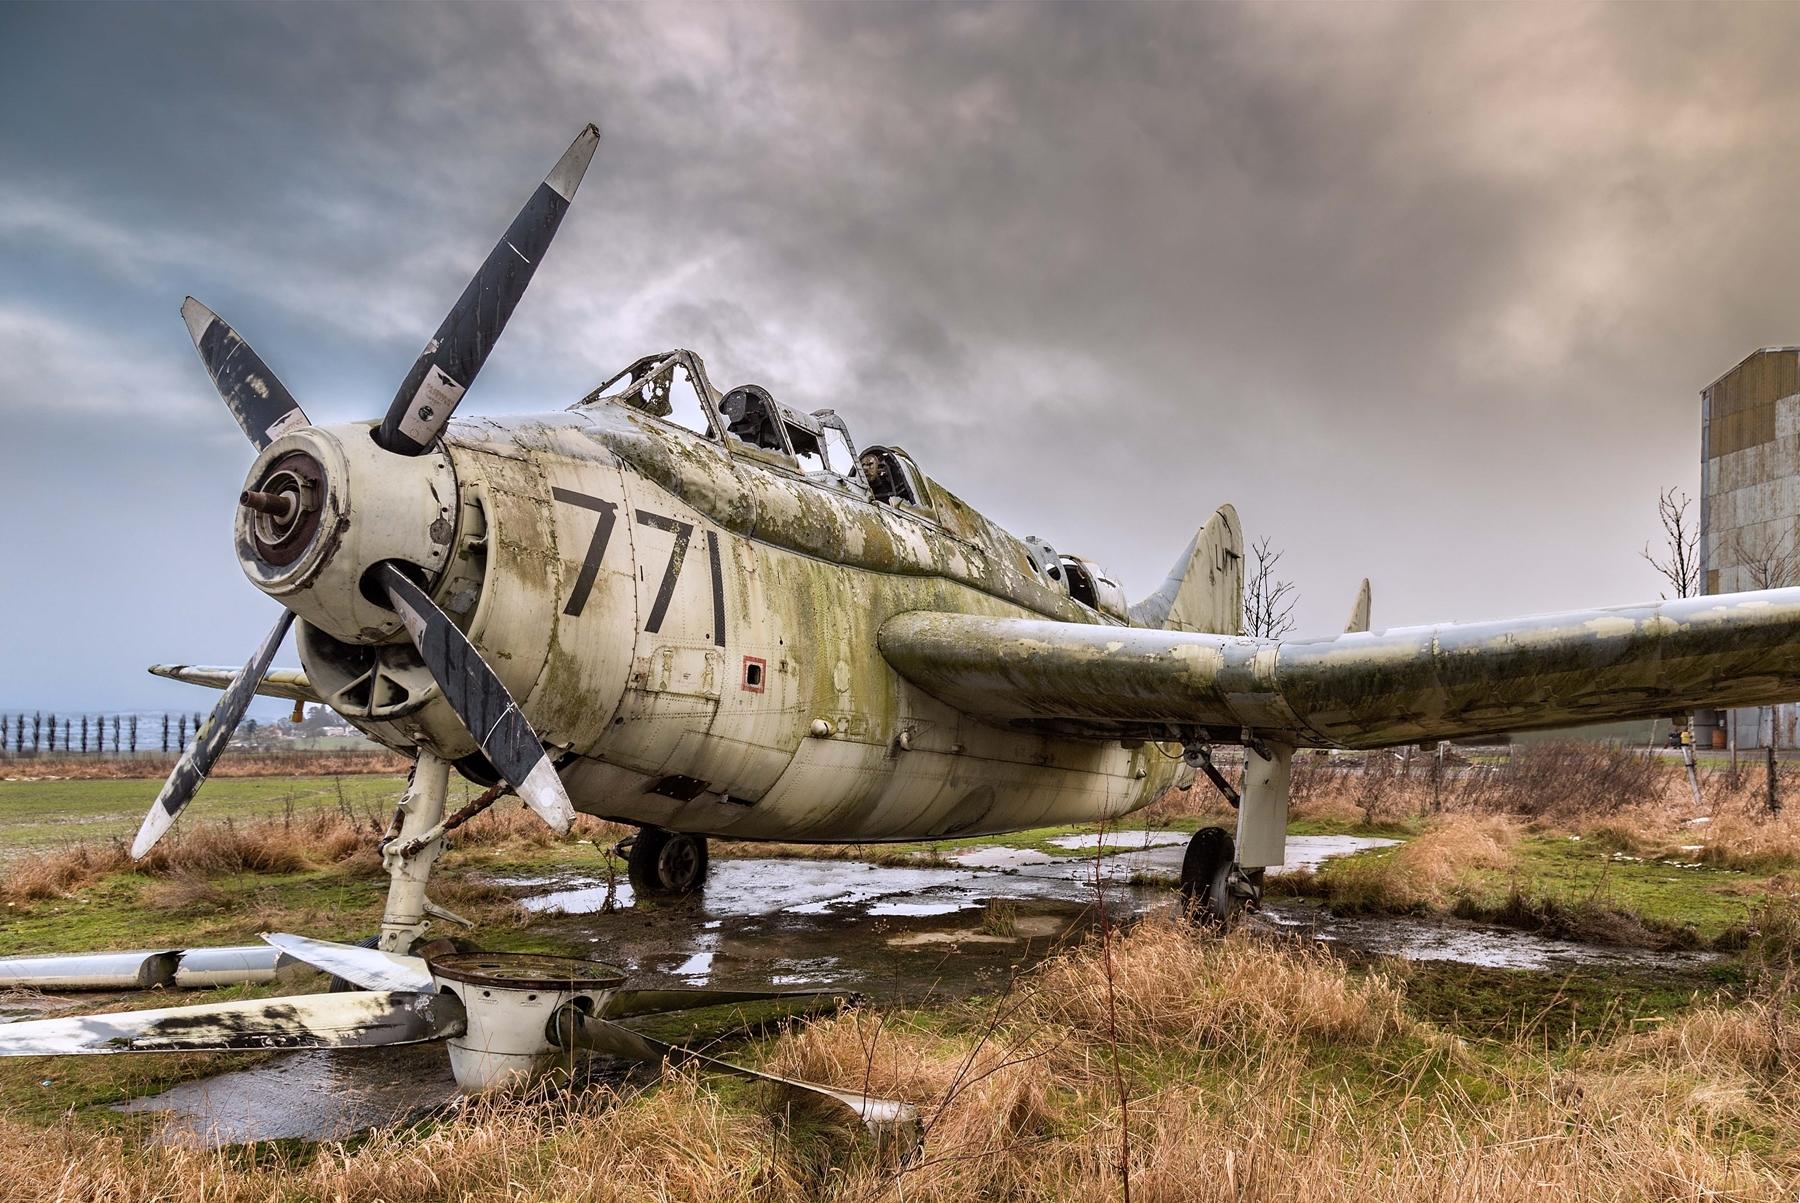 Fairey Gannet airplane at Errol airfield.